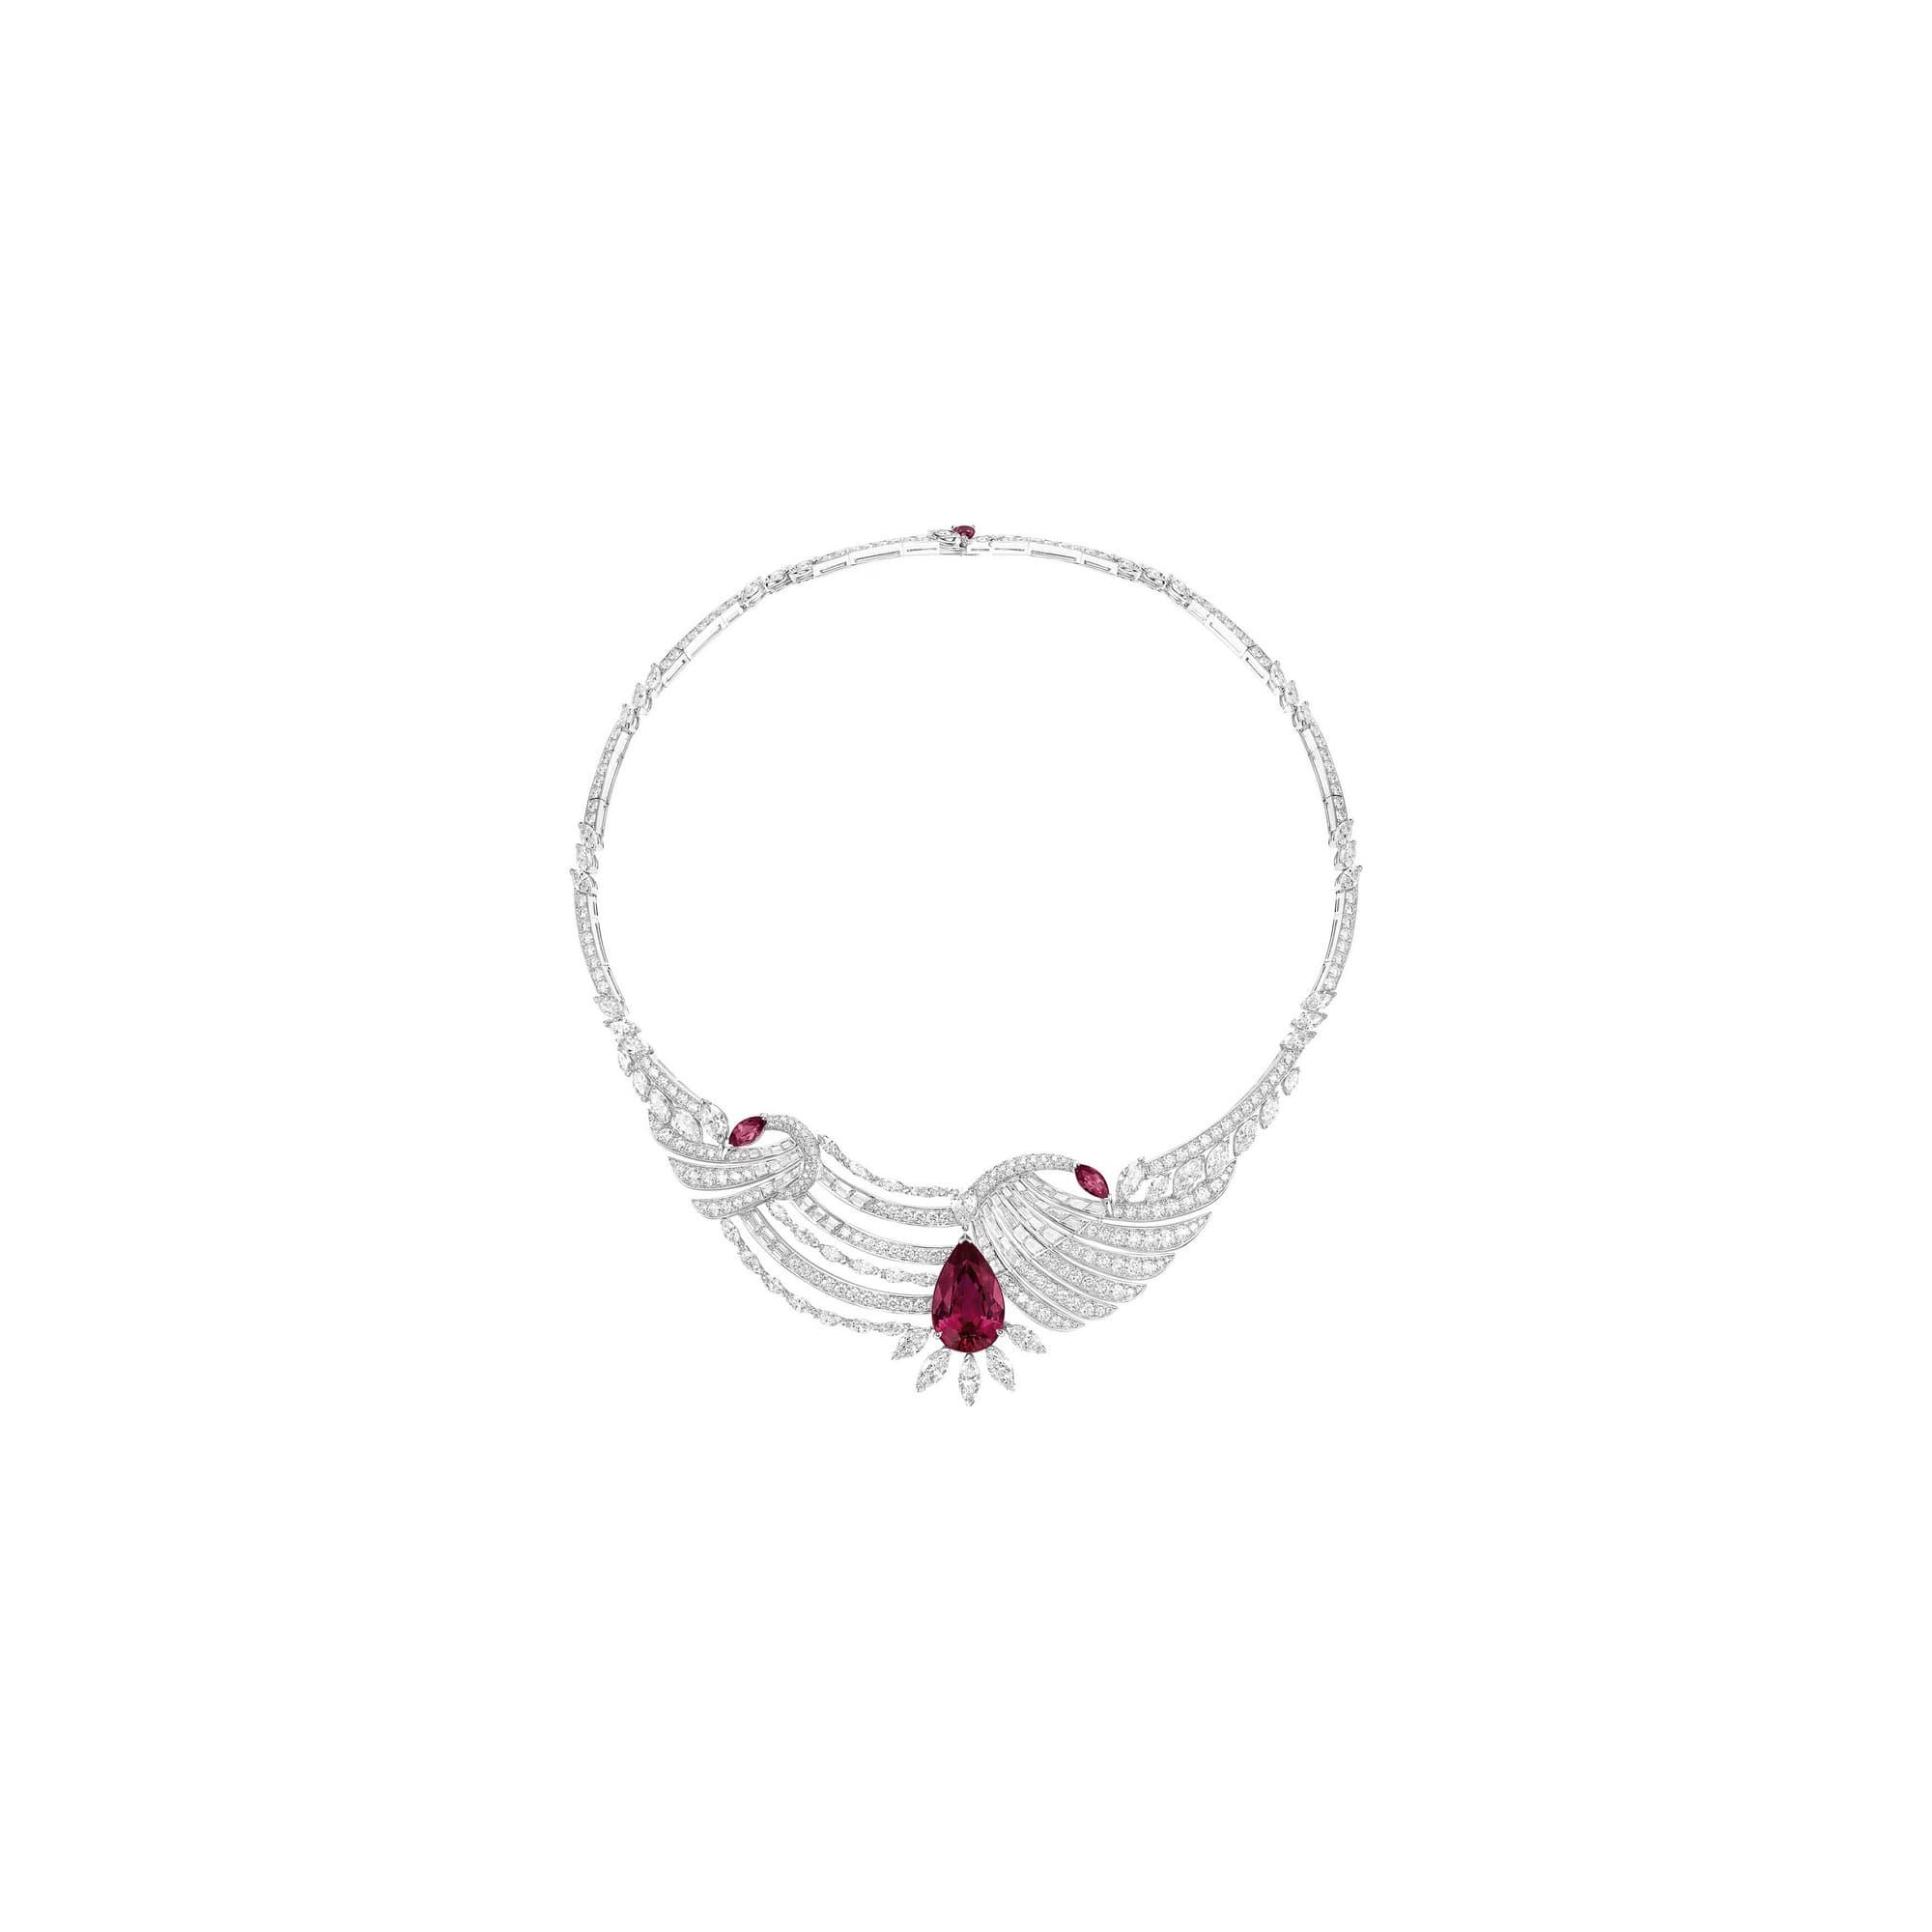 PIAGET伯爵高级珠宝钻石项链